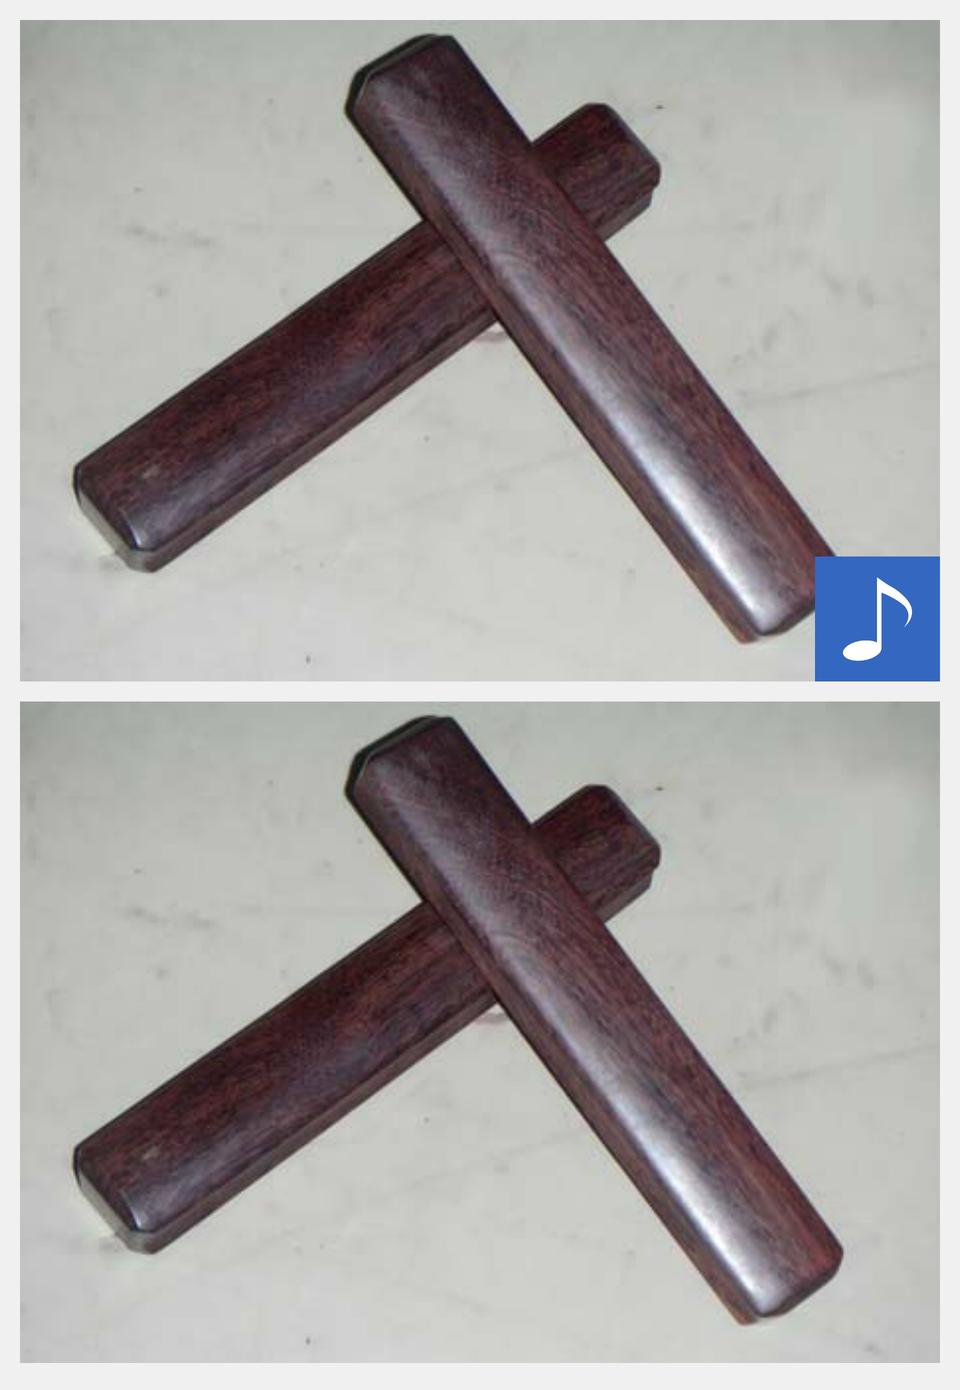 Ilustracja interaktywna - grafika przedstawiająca klawesy – dwie brązowe drewniane pałeczki, Po kliknięciu na grafikę zostanie wyświetlona informacja dodatkowa oraz odtworzony dźwięk tego instrumentu.